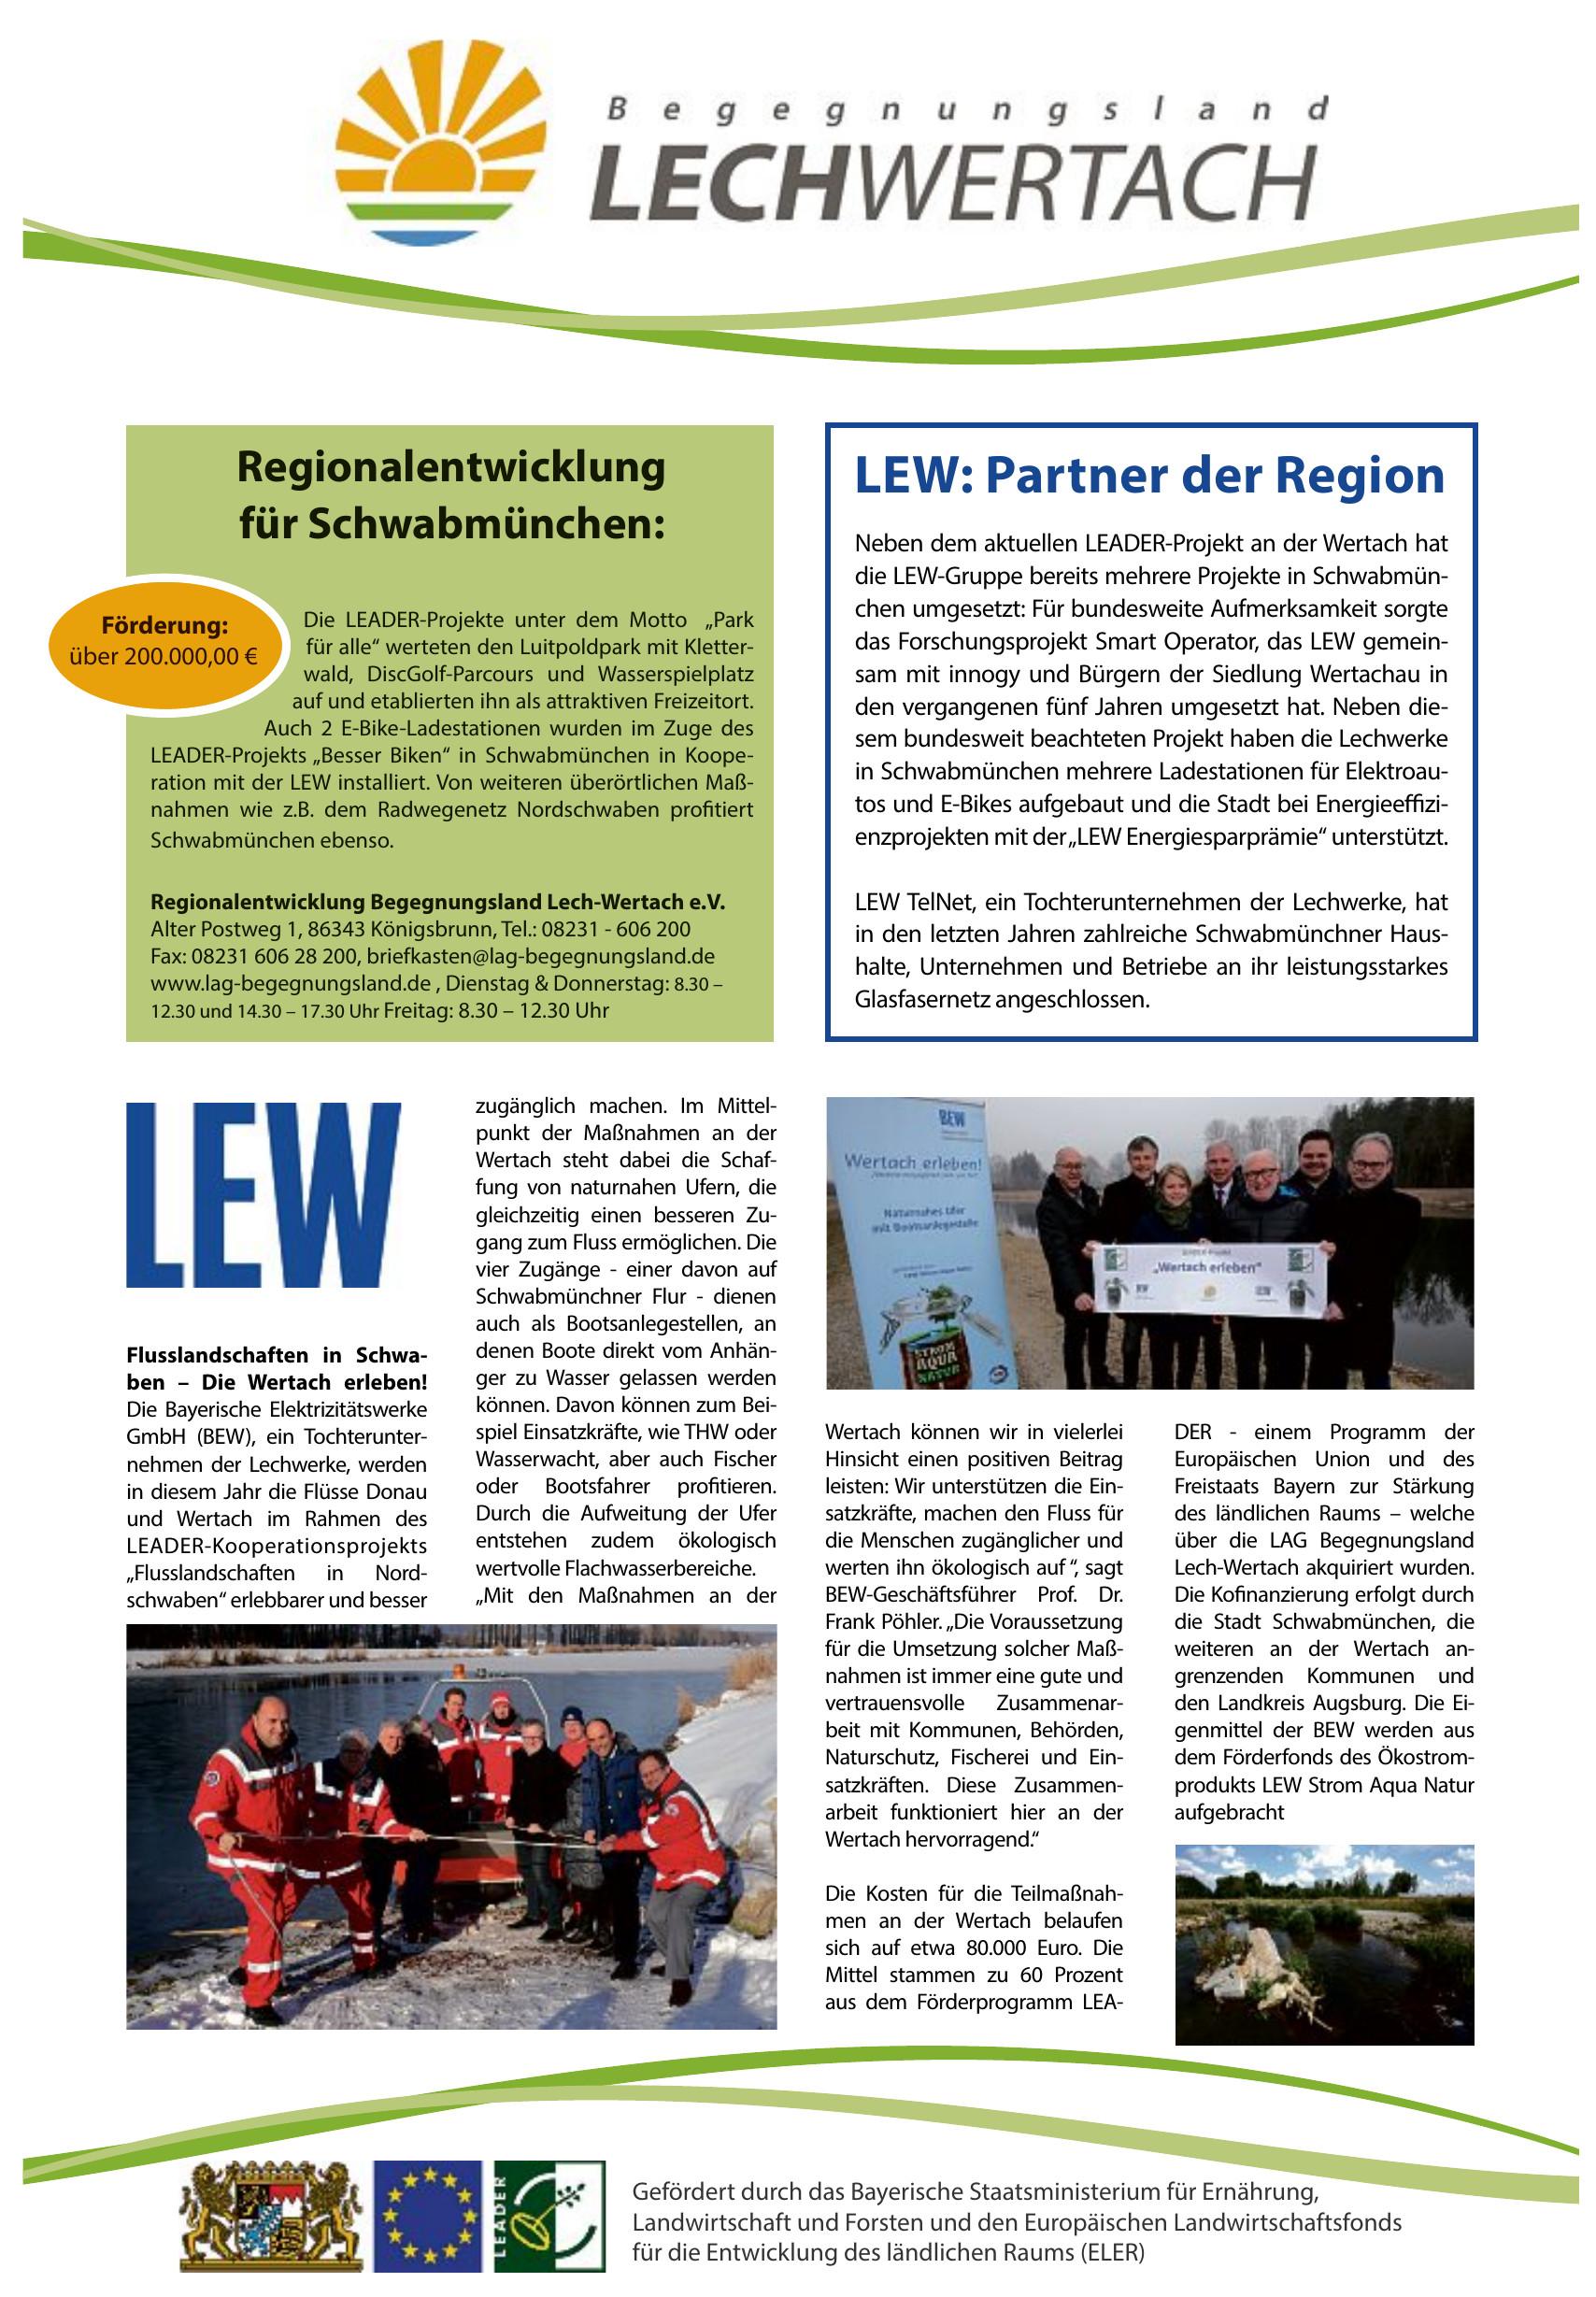 Regionalentwicklung Begegnungsland Lech-Wertach e.V.